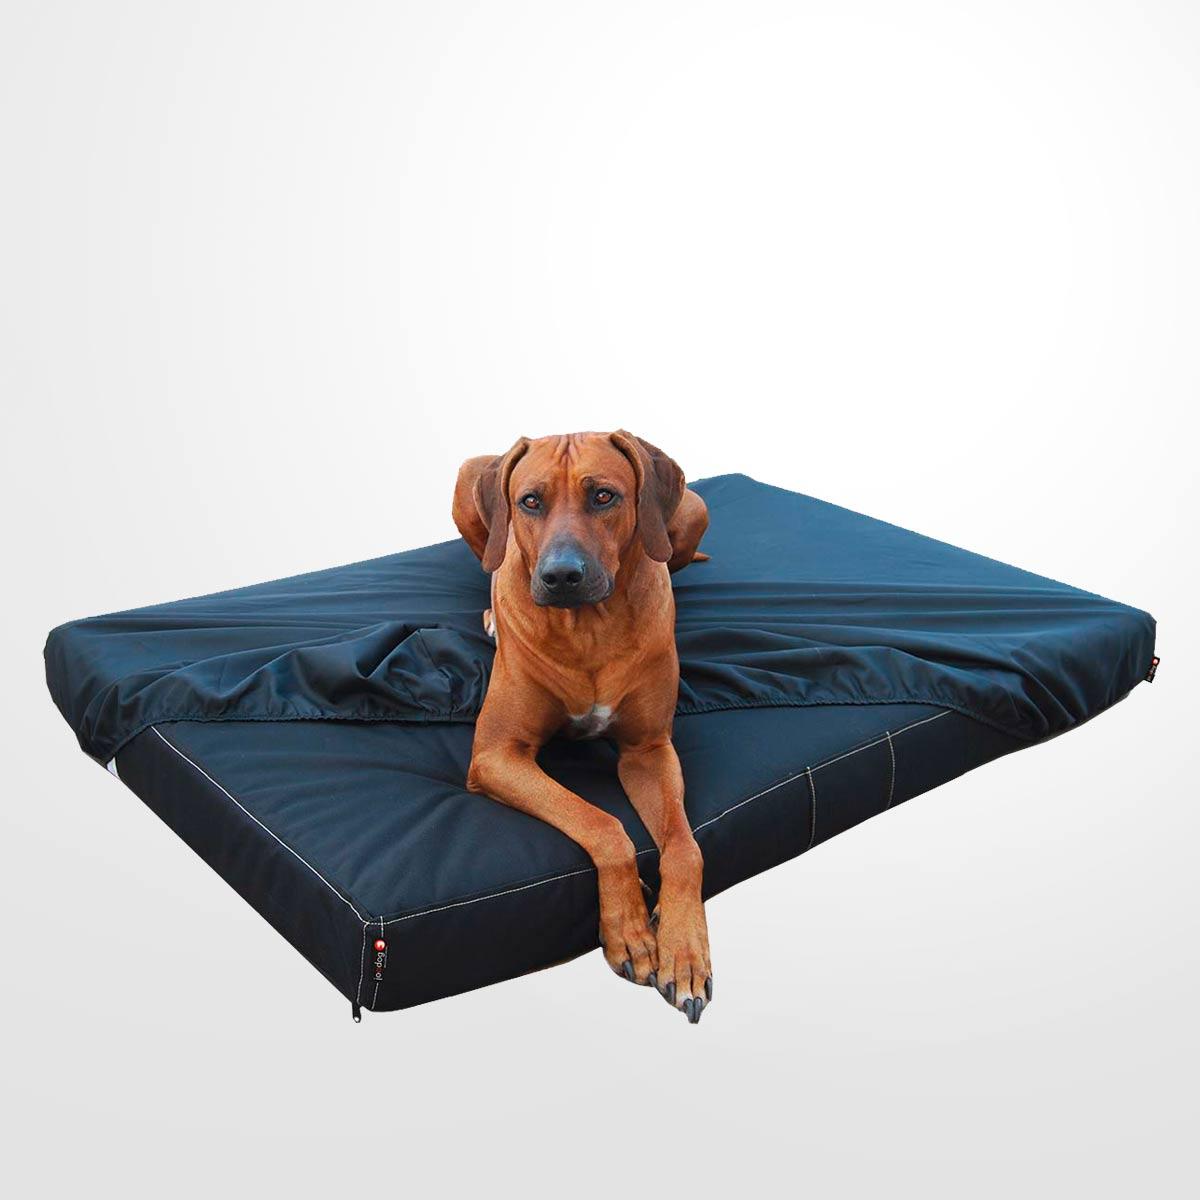 joodog BRAVE M13-18 Ortho | P1200, Orthopädische Hundematte, Hundebetten Grosshandel, Wholesale. Spezialmatte für Tierheime, Hundepensionen